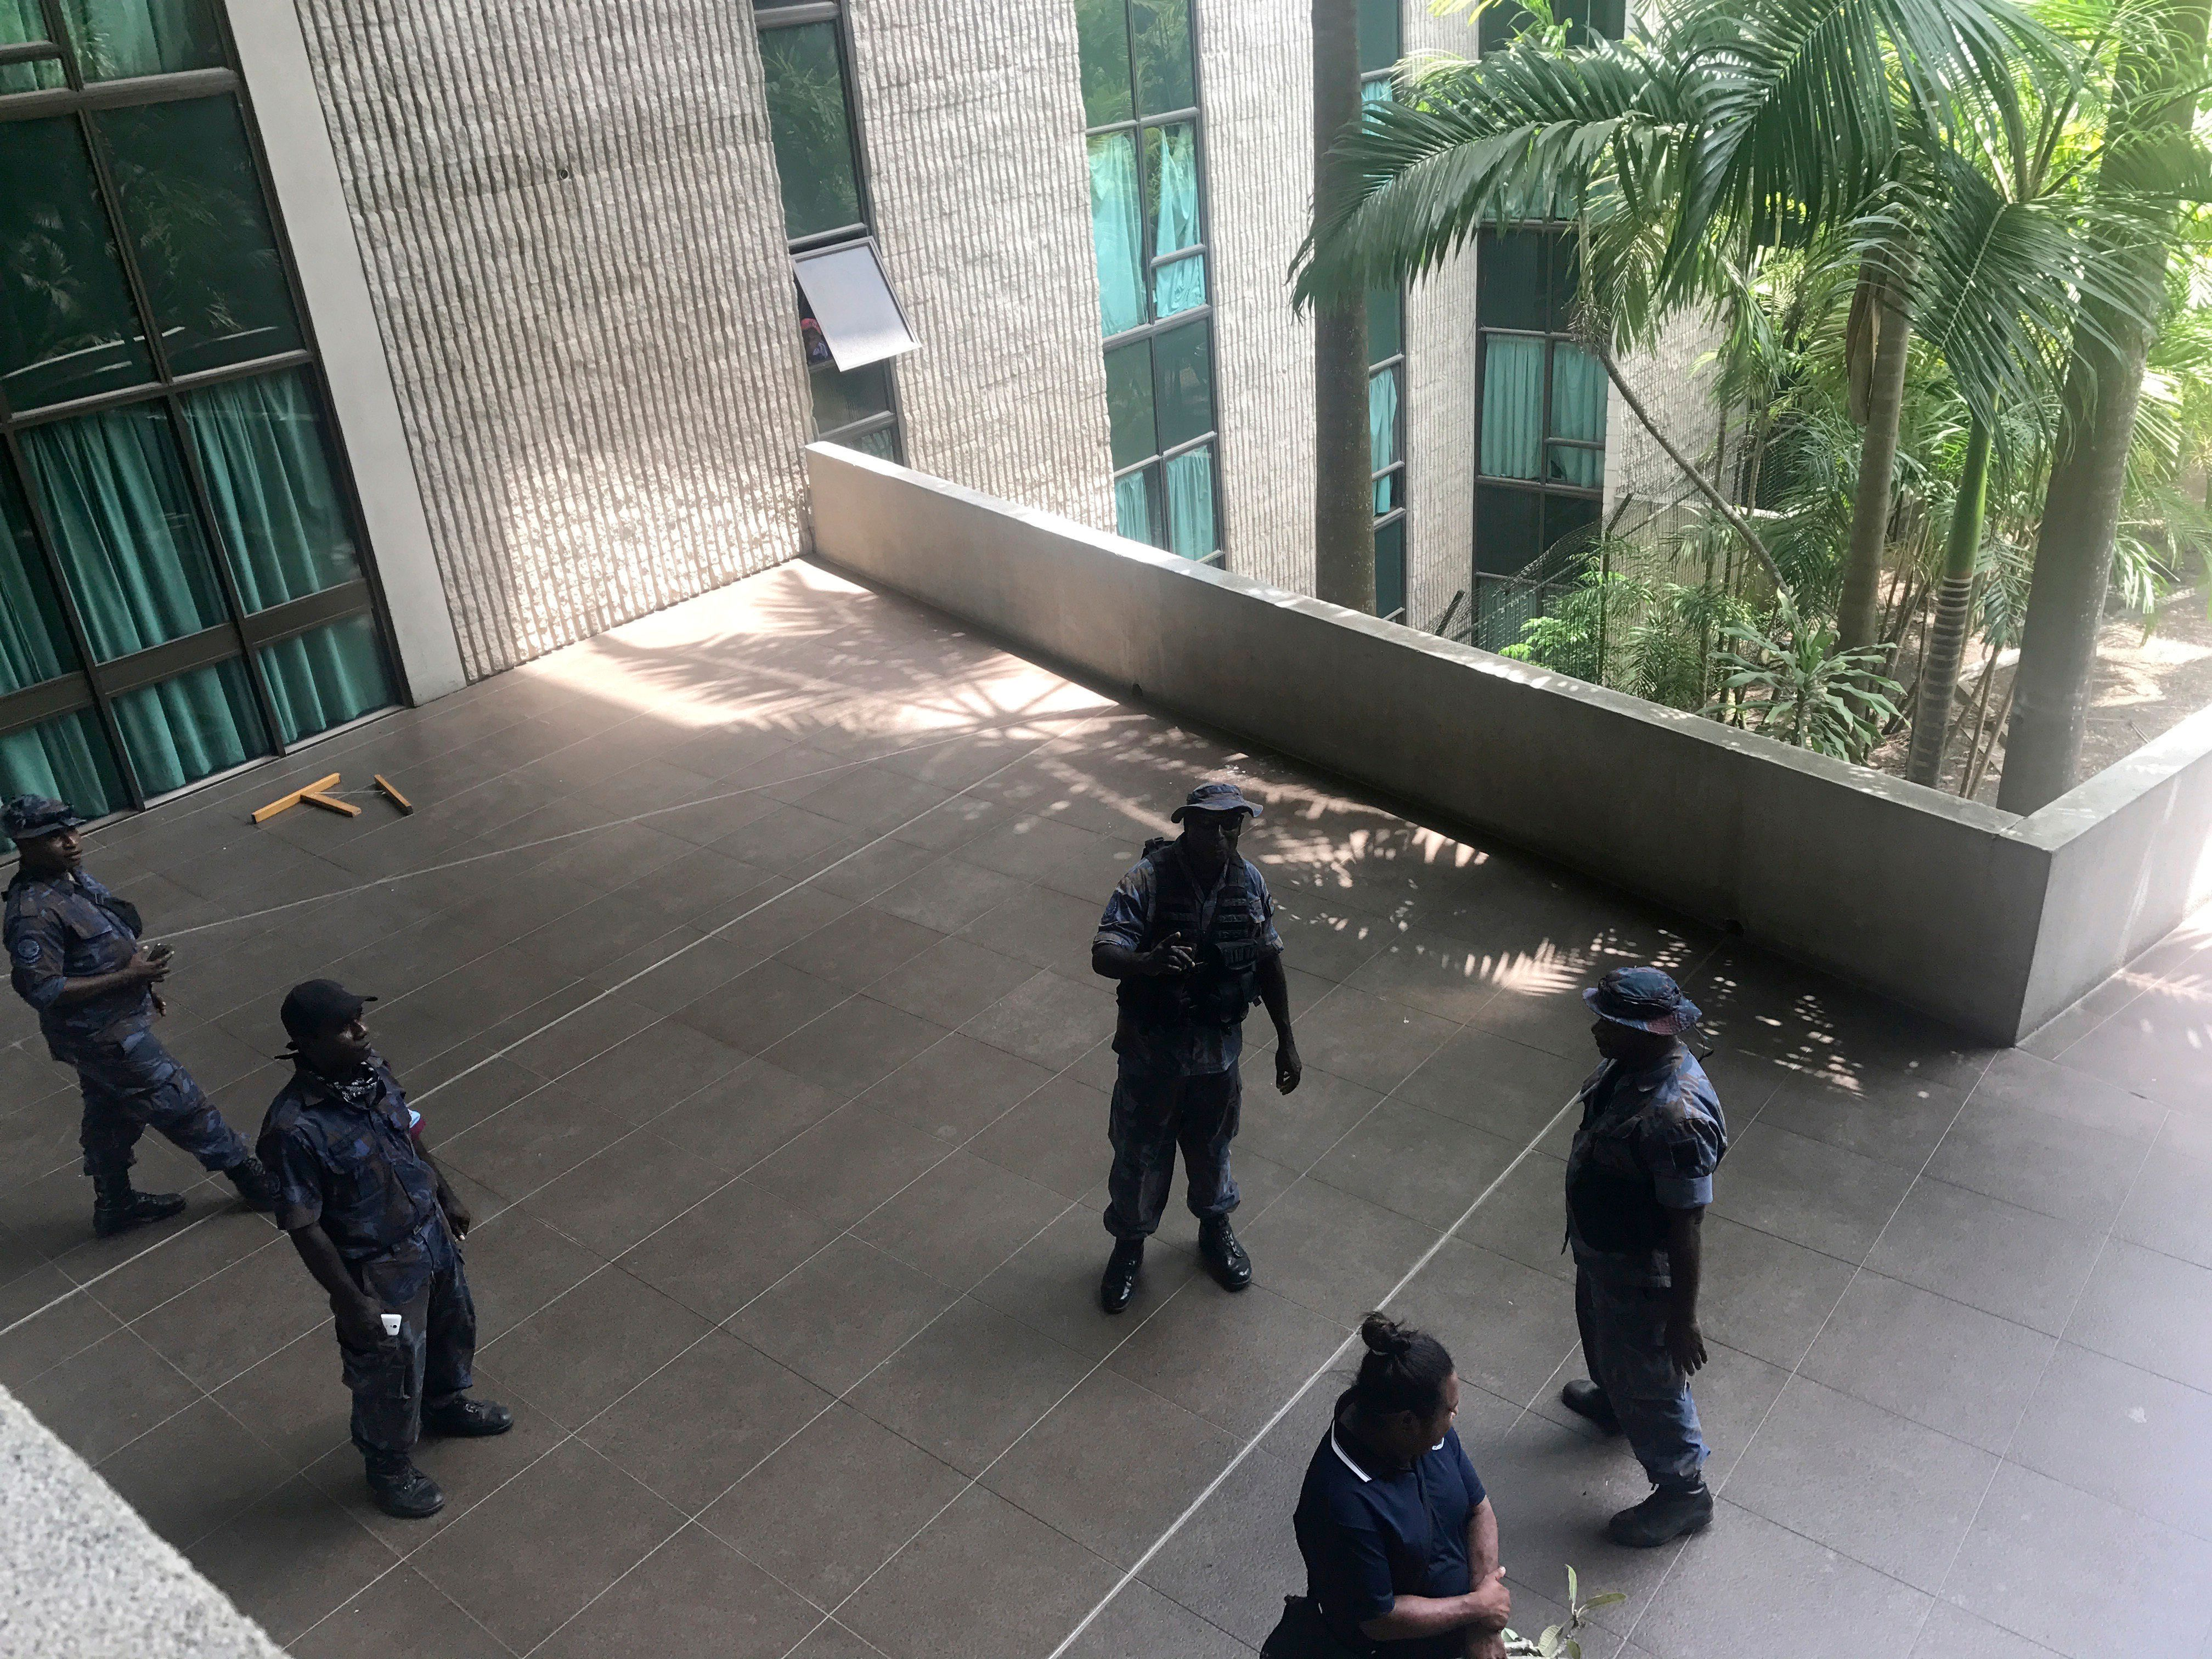 Στρατός και αστυνομία εισβάλλουν στη Βουλή της Παπούα Νέας Γουινέας